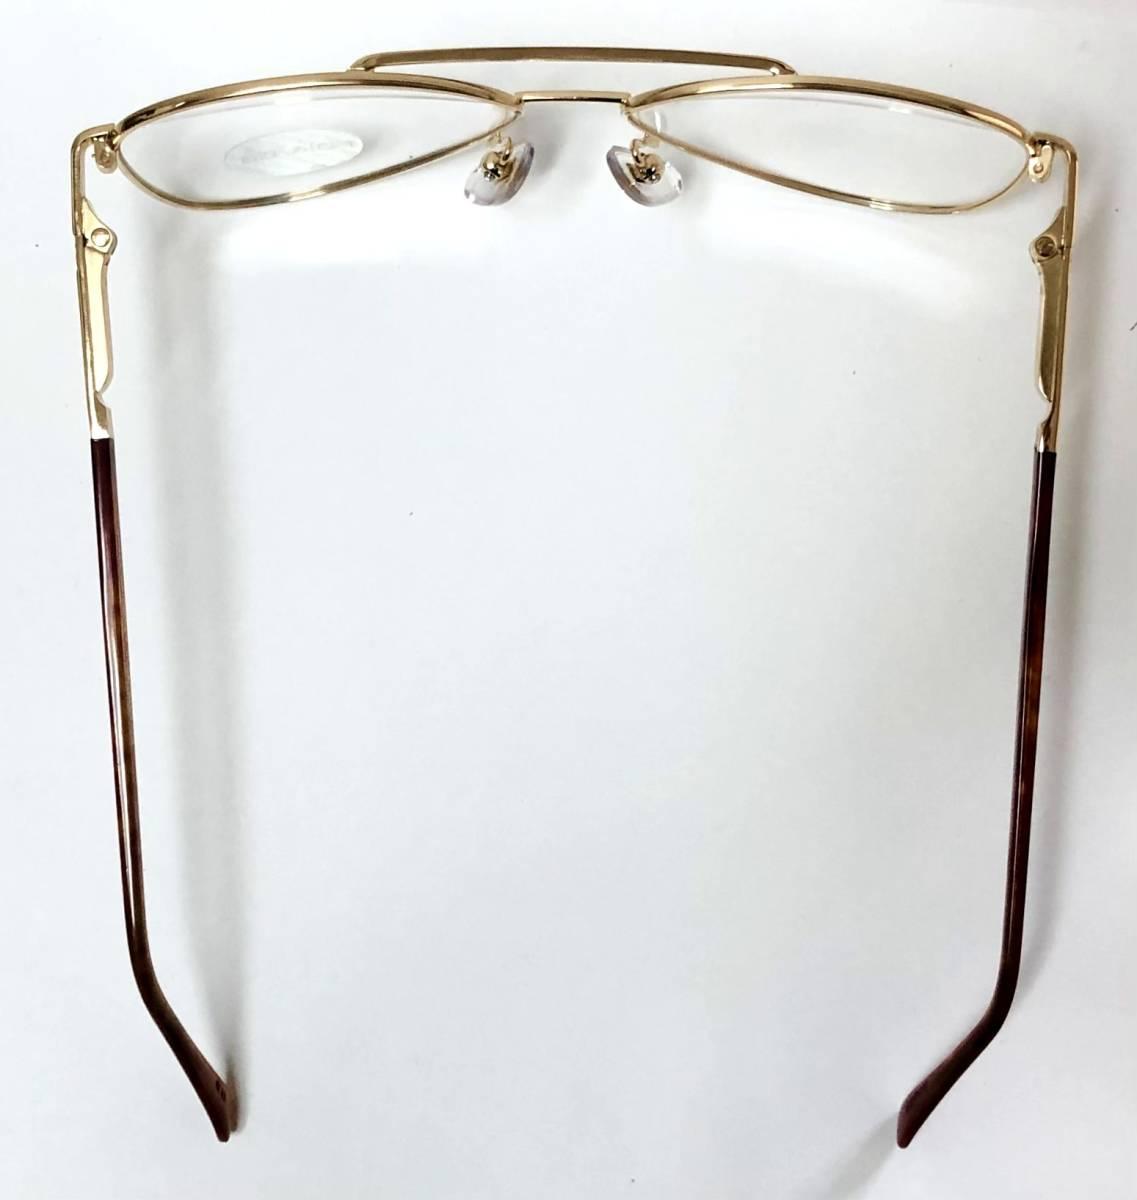 新品箱付】20K金 アメリカンオプティカル 80年代 琥珀色 べっ甲柄 AO American Optical メガネ 米国ブランド_画像8